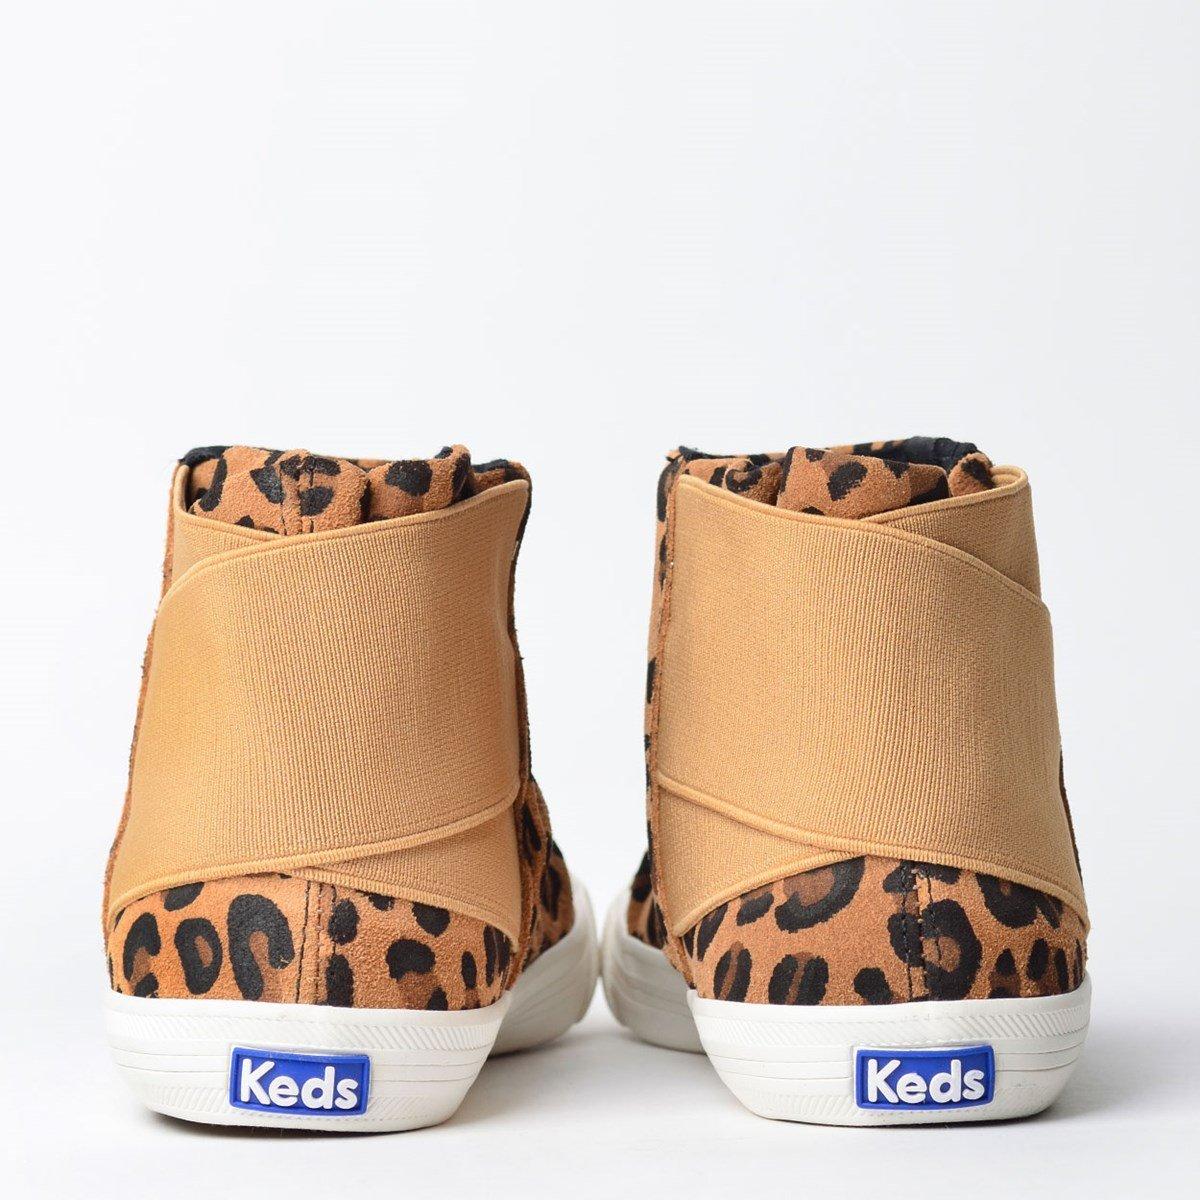 Camel Feminino Zaza Bege Topkick Boot Tênis Tênis Keds Keds yXYw0qxg